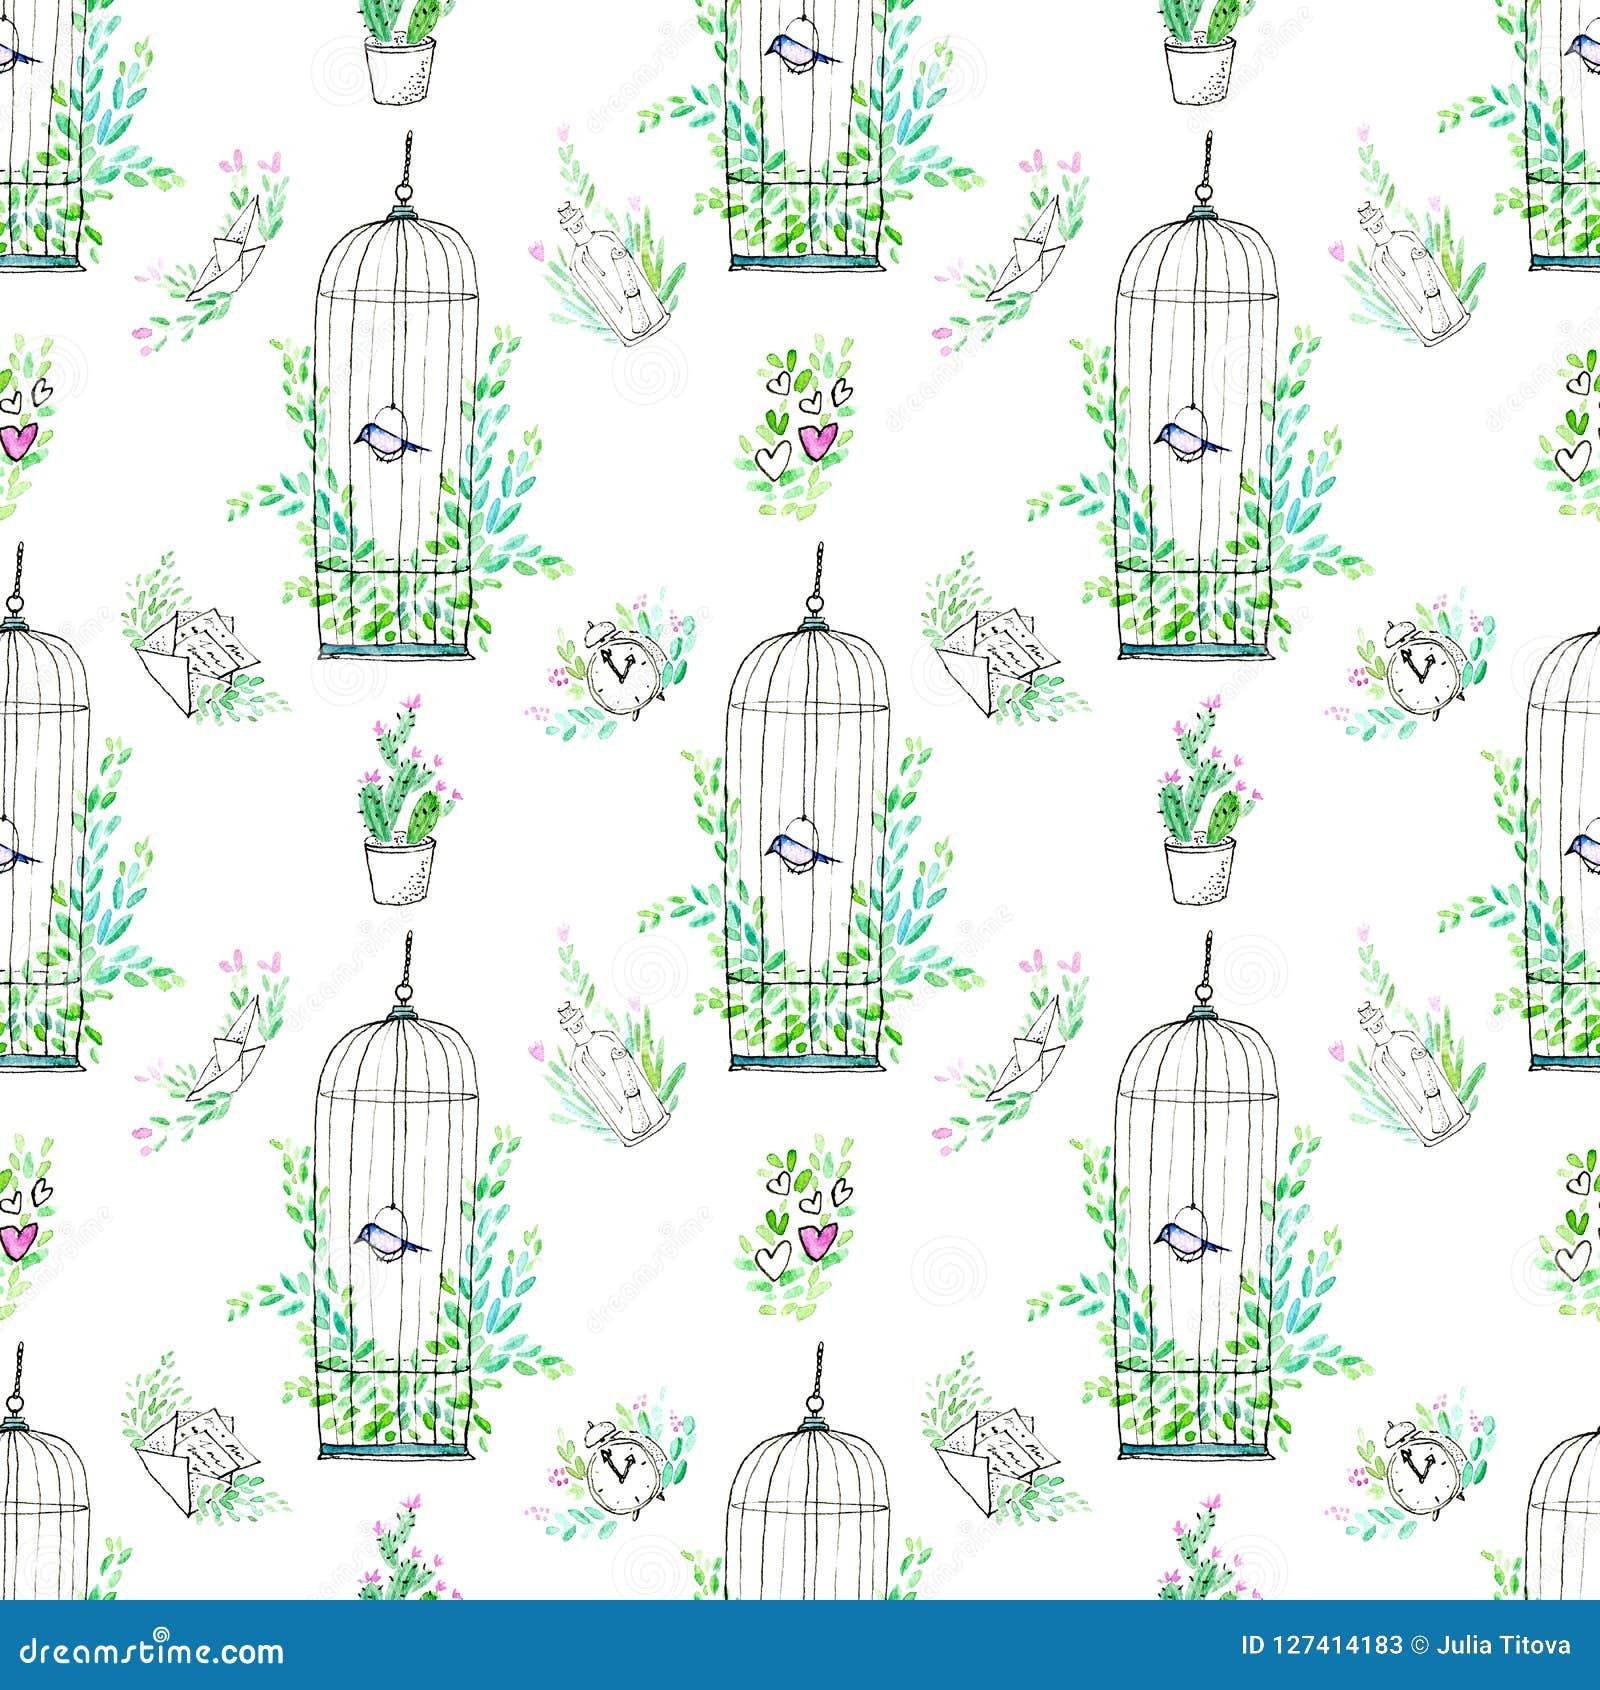 Naadloos patroon van een klok, boot, kooi met een vogel, vliegtuig, cactus, bootle, brief en bloemen